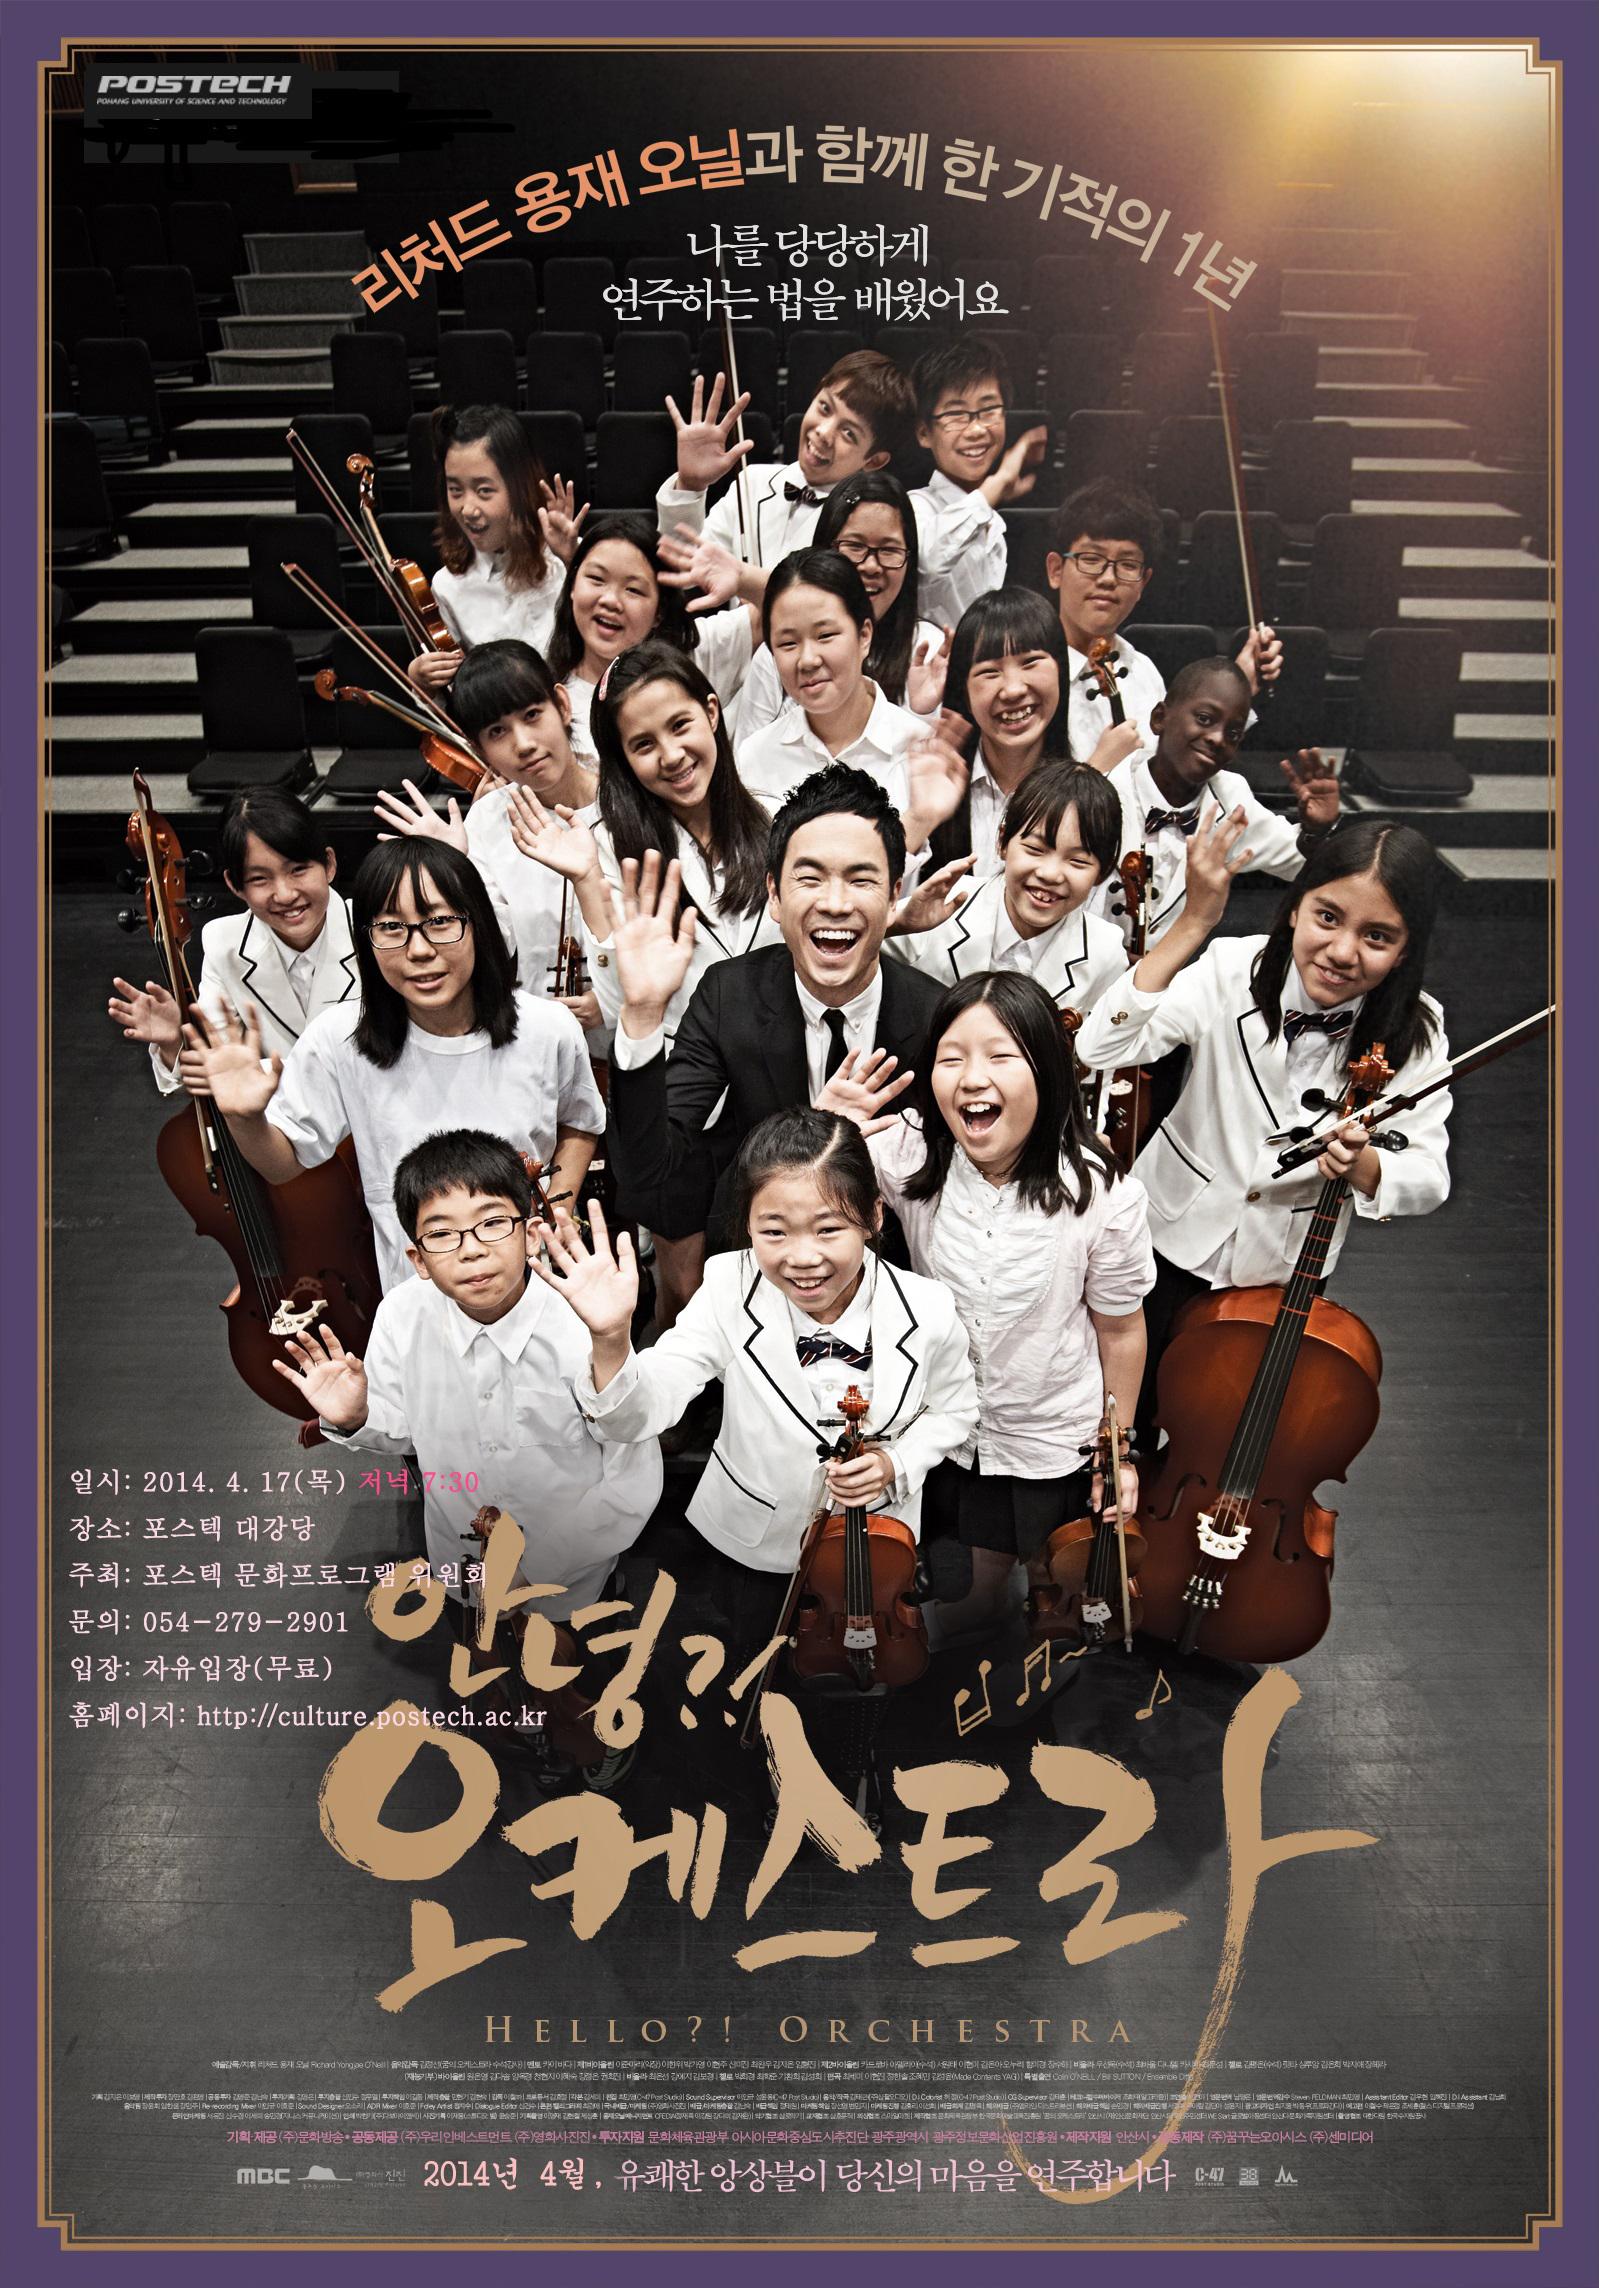 [문화프로그램] 영화안녕?! 오케스트라